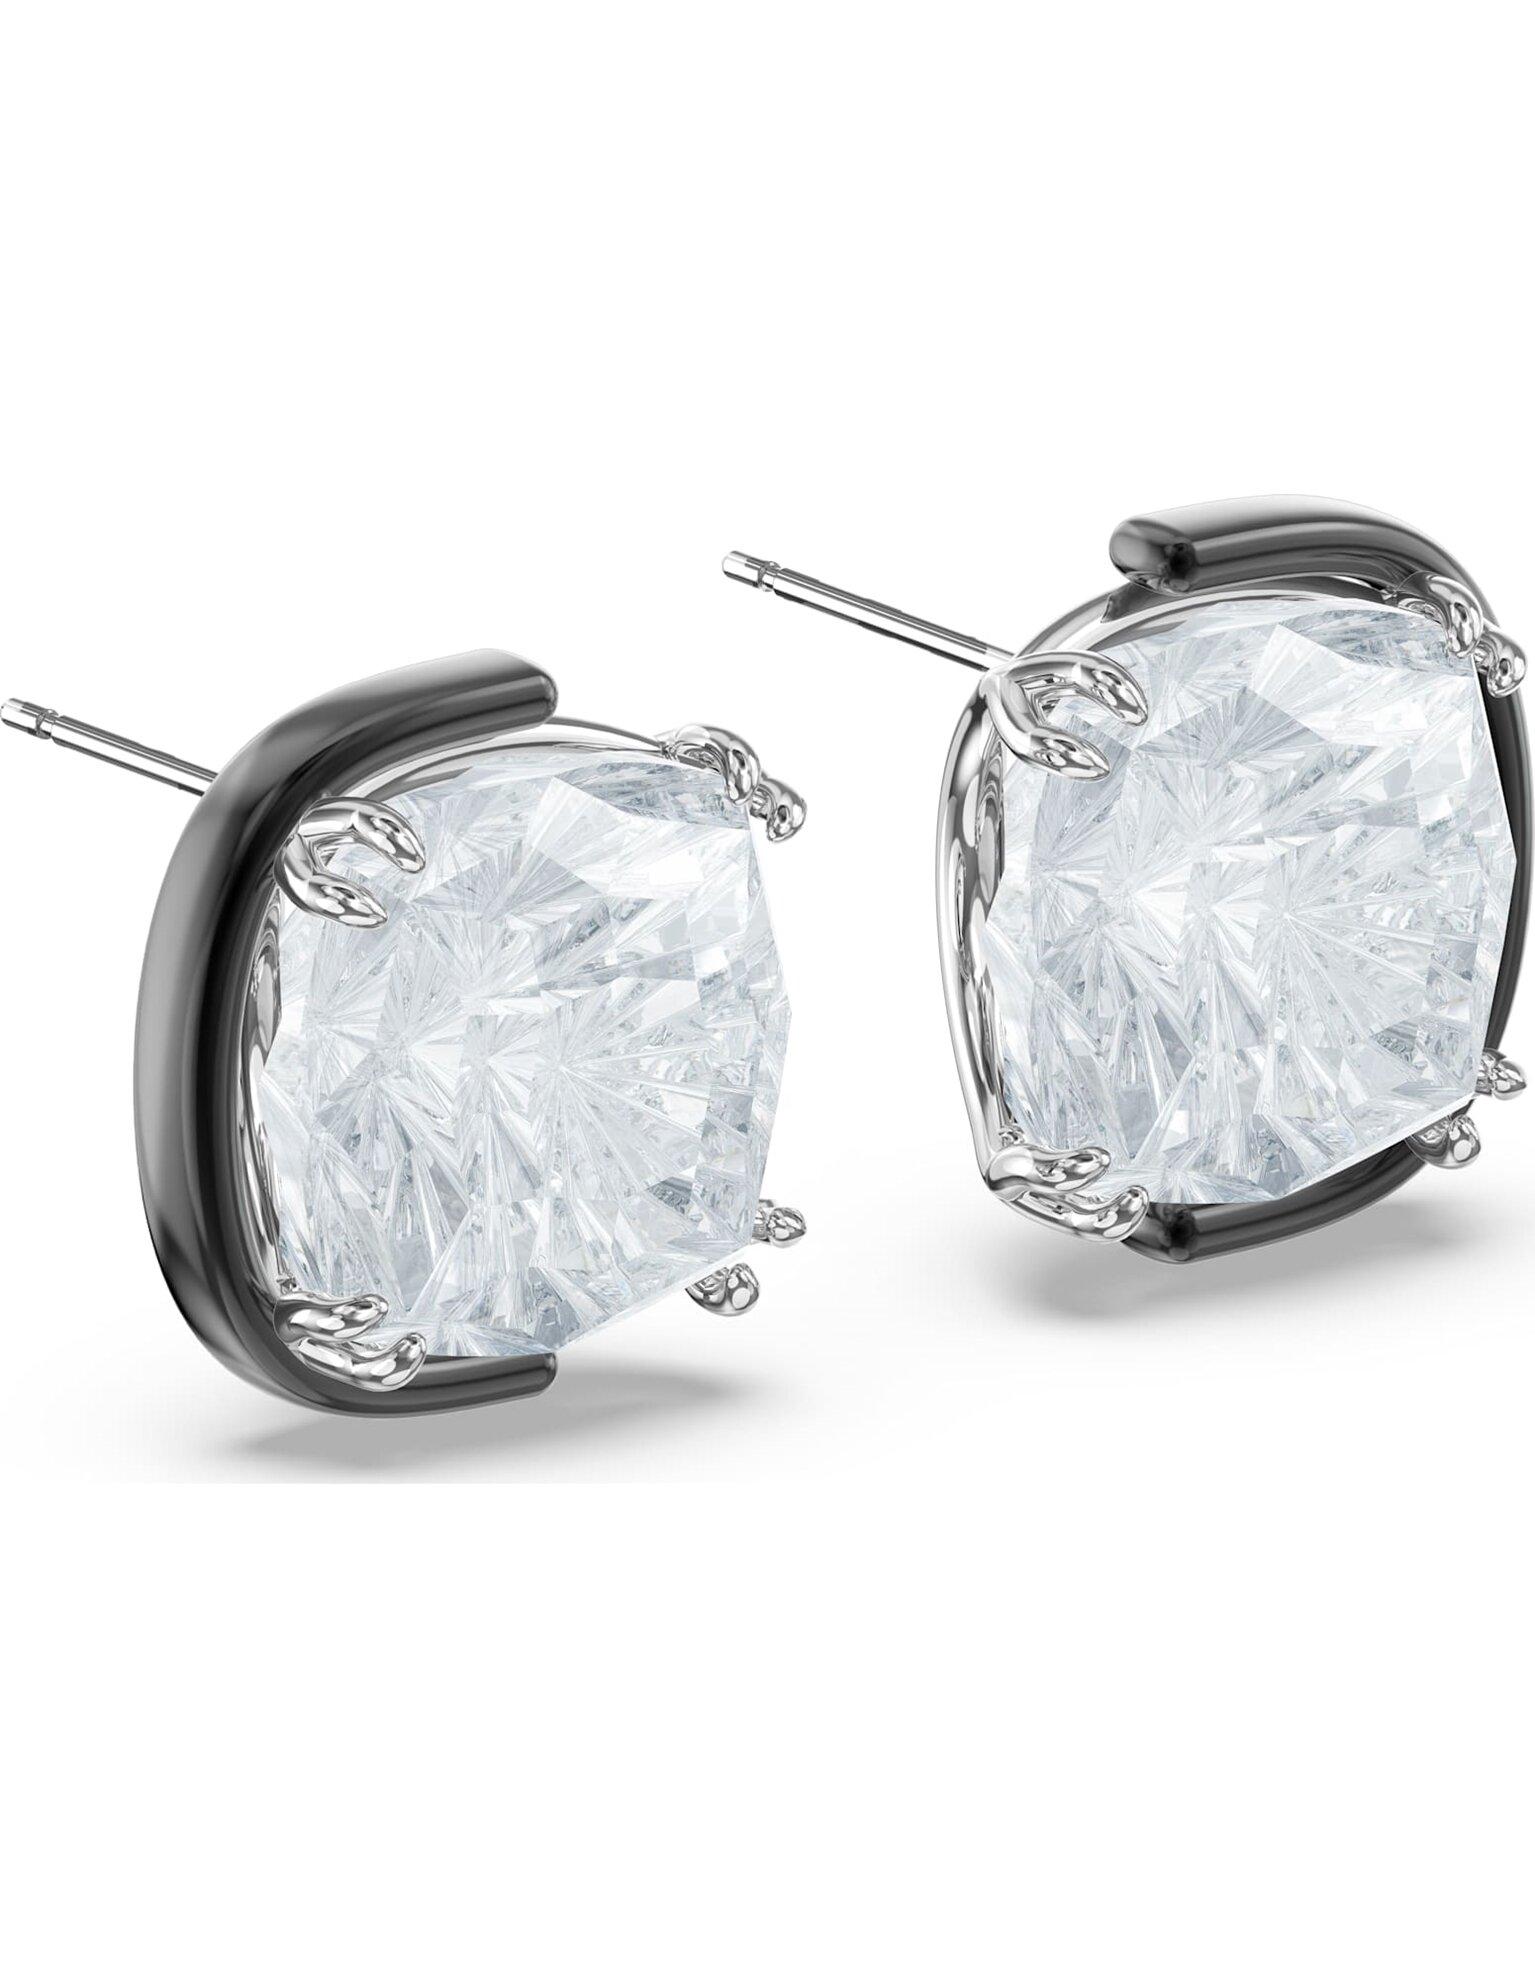 Picture of Harmonia Küpeler, Yastık kesim kristaller, Beyaz, Karışık metal bitiş